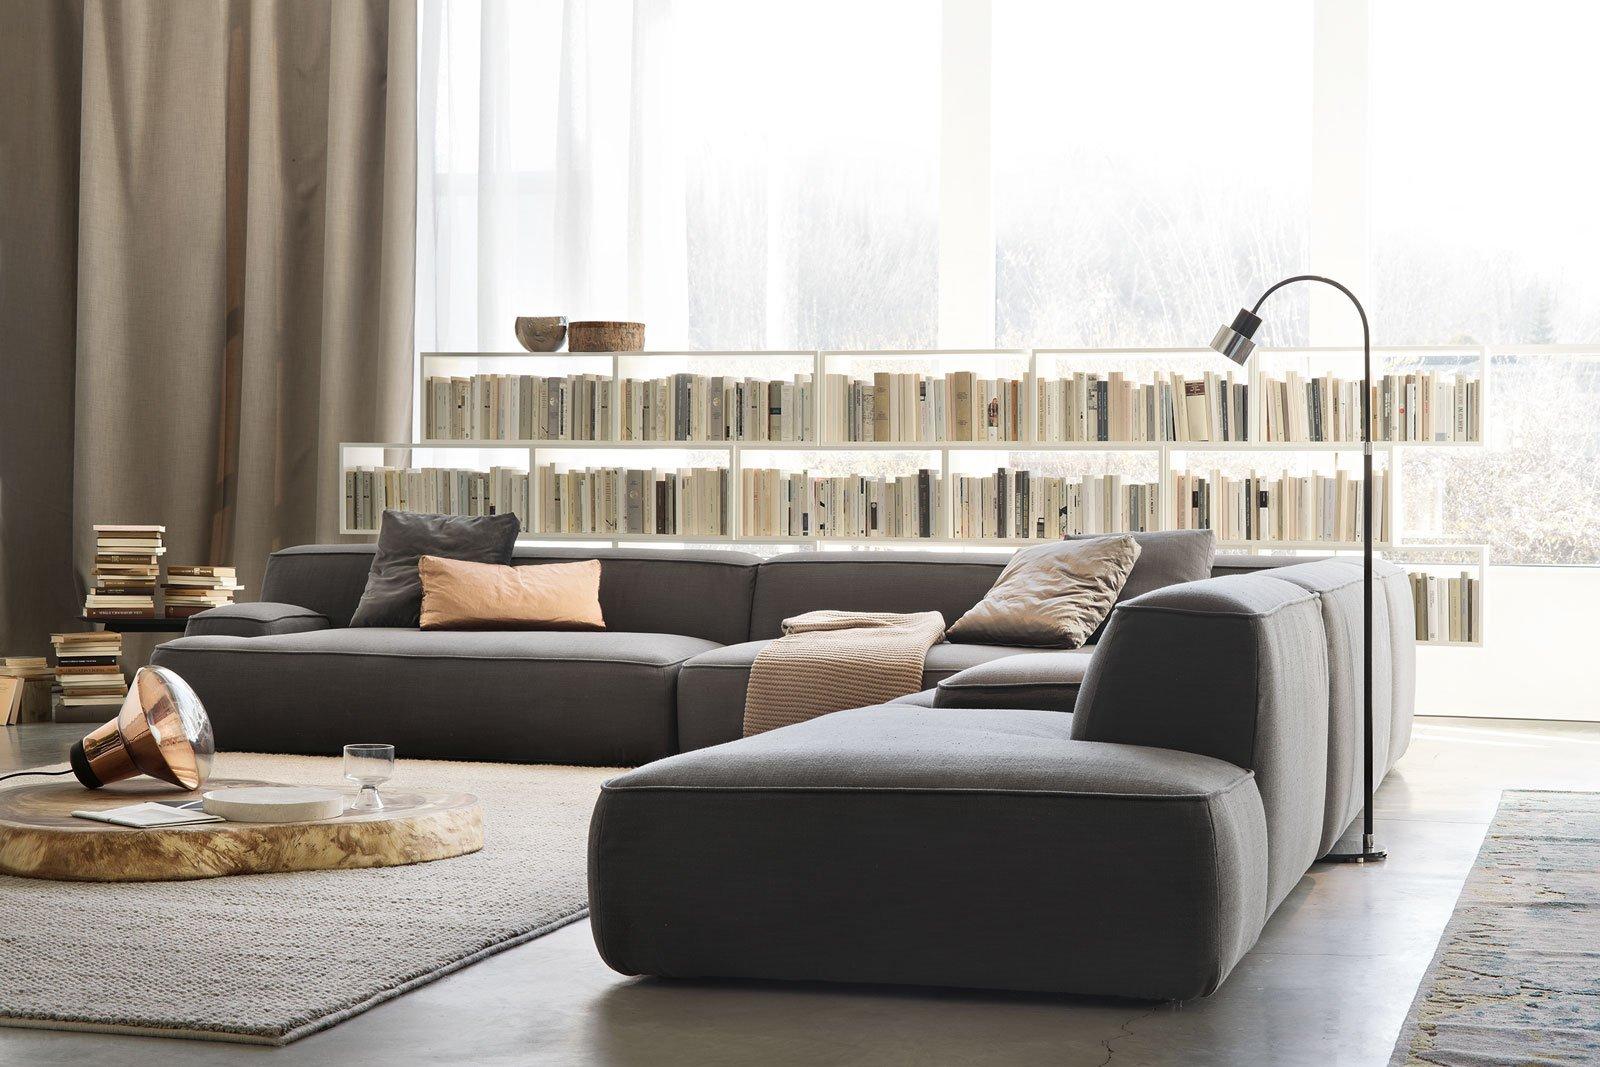 Divani design comfort secondo lema cose di casa for Prostoria divani